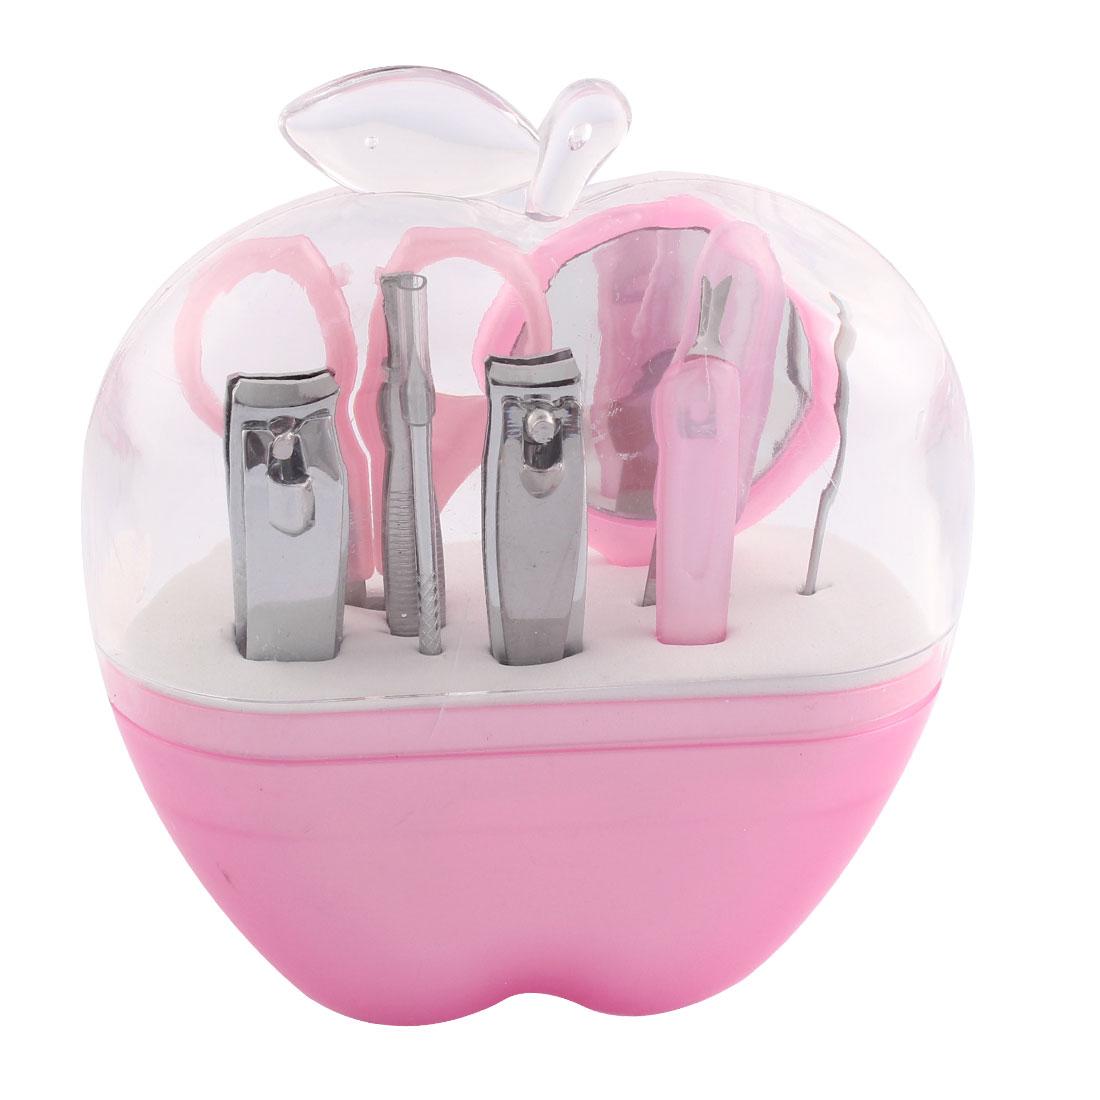 9 in 1 Nail Care Clipper Cuticle Cutter Tweezer Manicure Set w Apple Shape Case